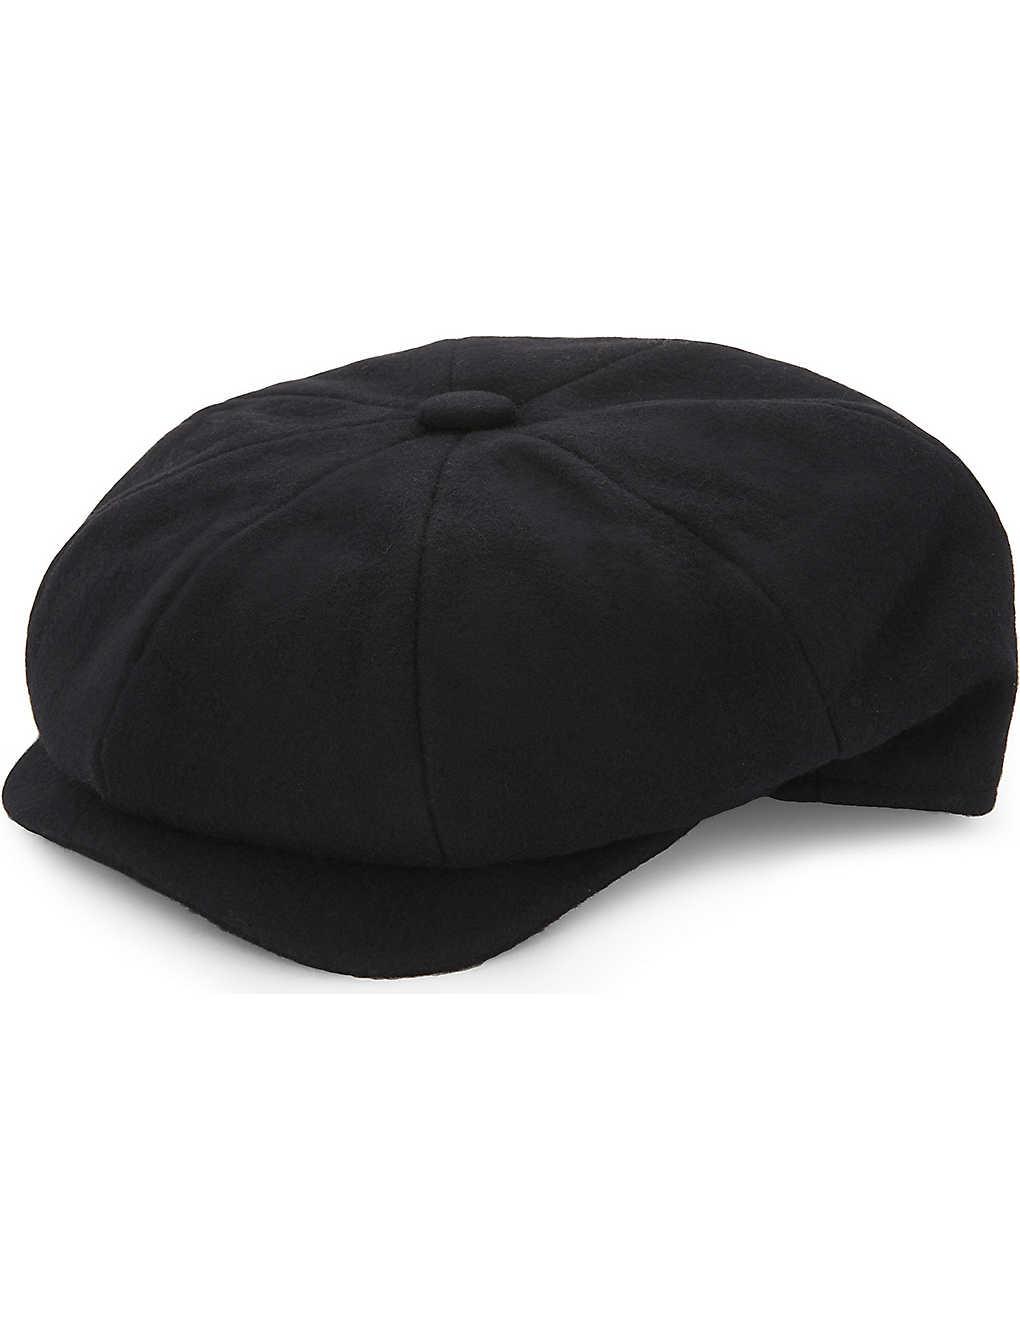 6971e46c REISS - Shelby Baker Boy hat | Selfridges.com